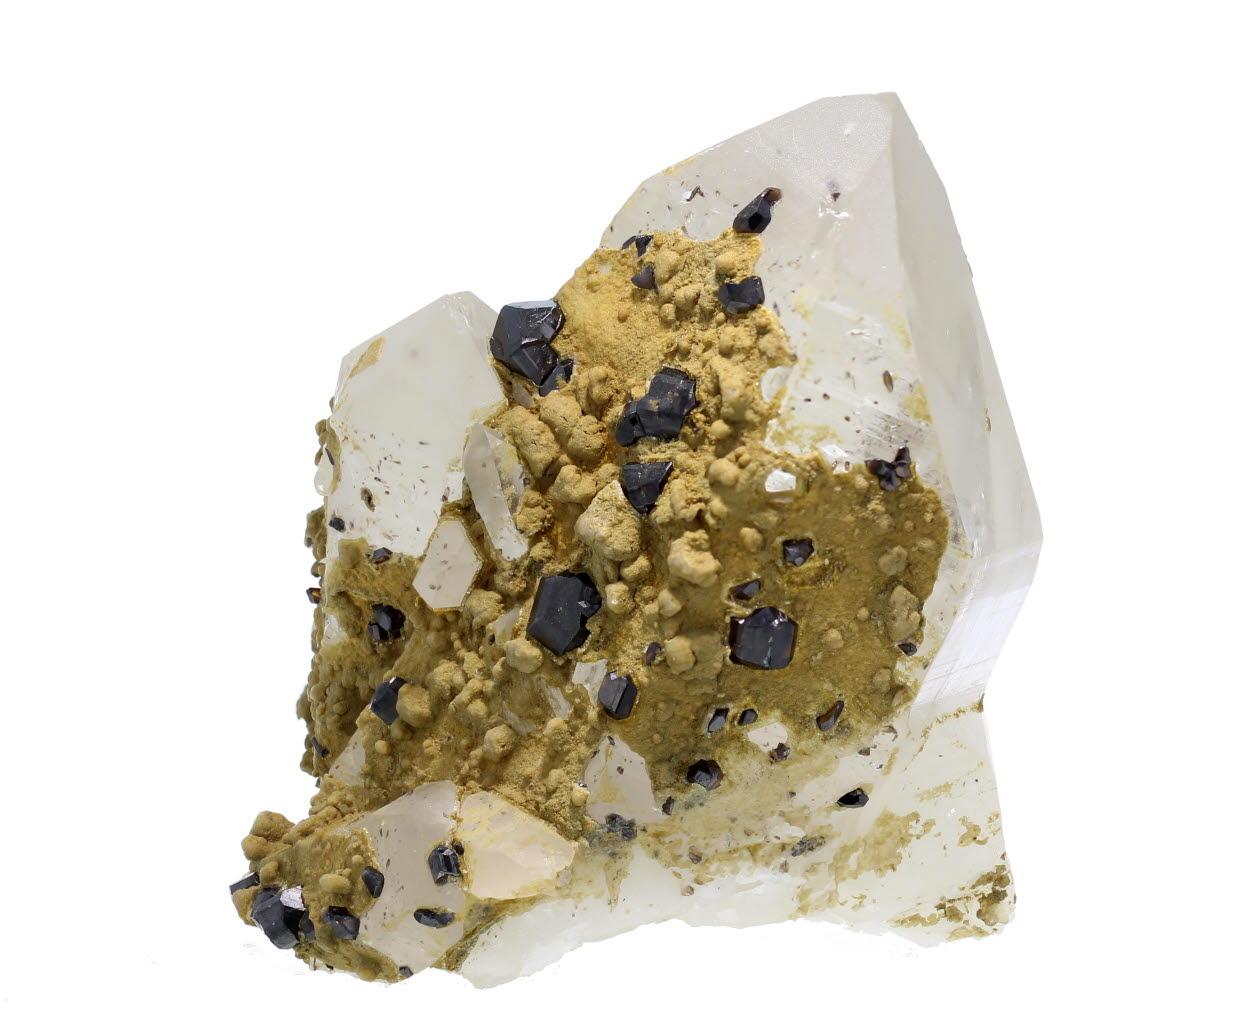 Cassiterite With Siderite On Quartz